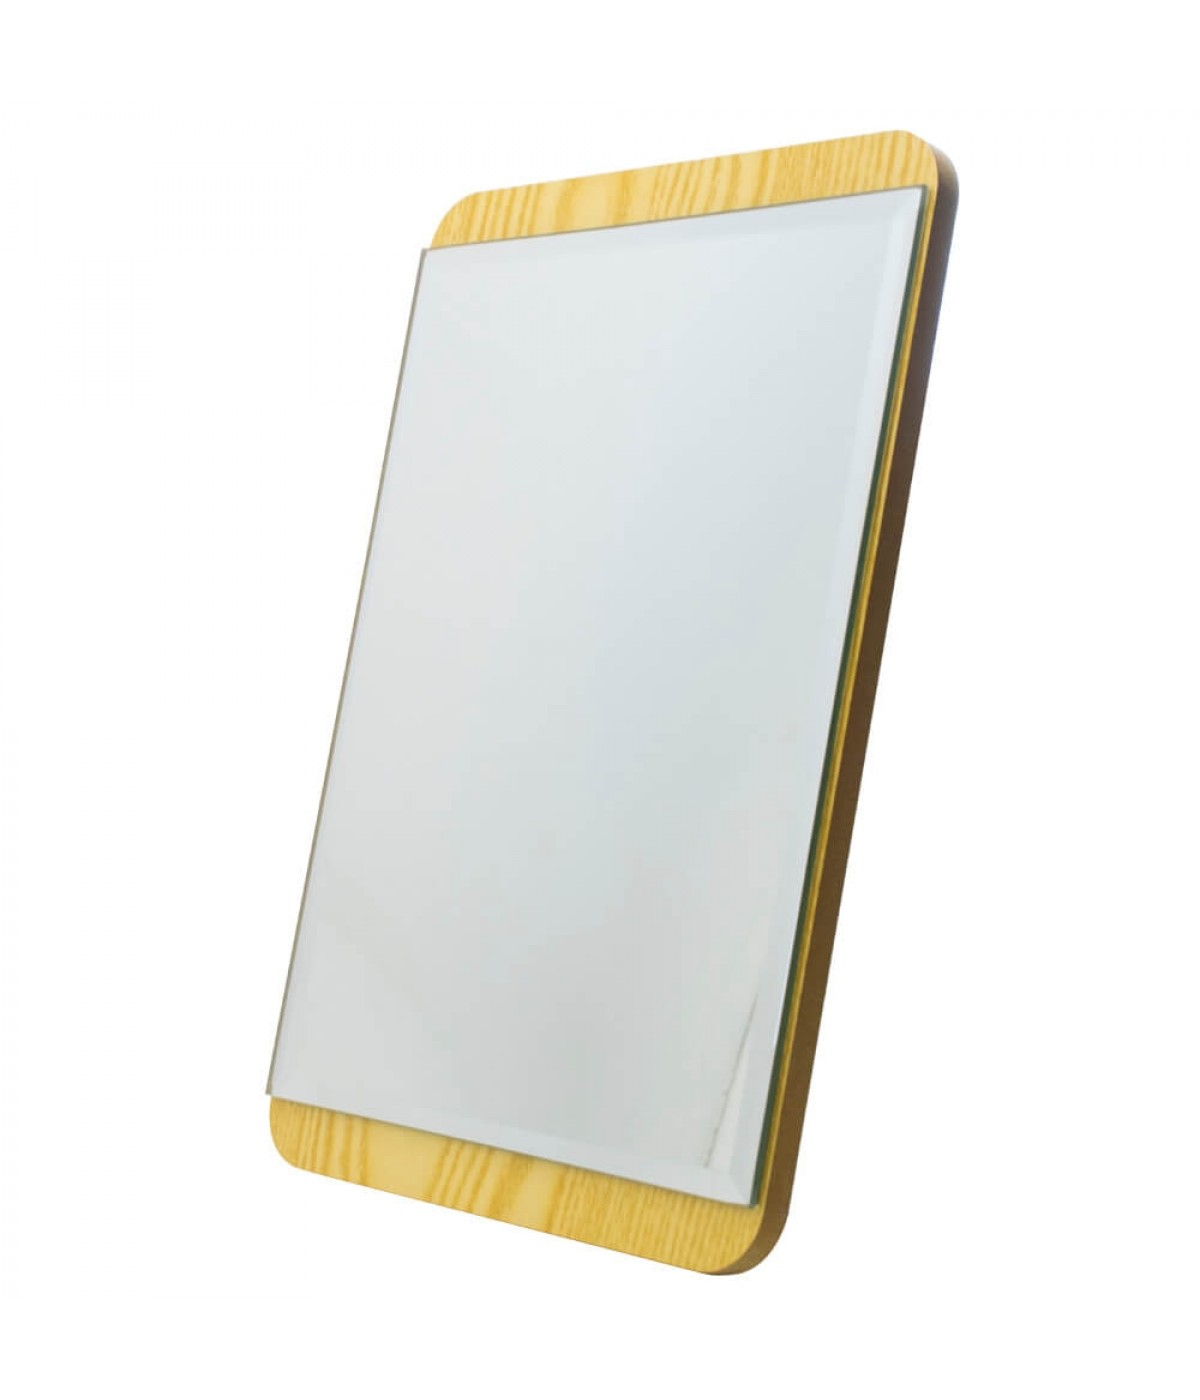 Espelho Retangular Madeira 25cm